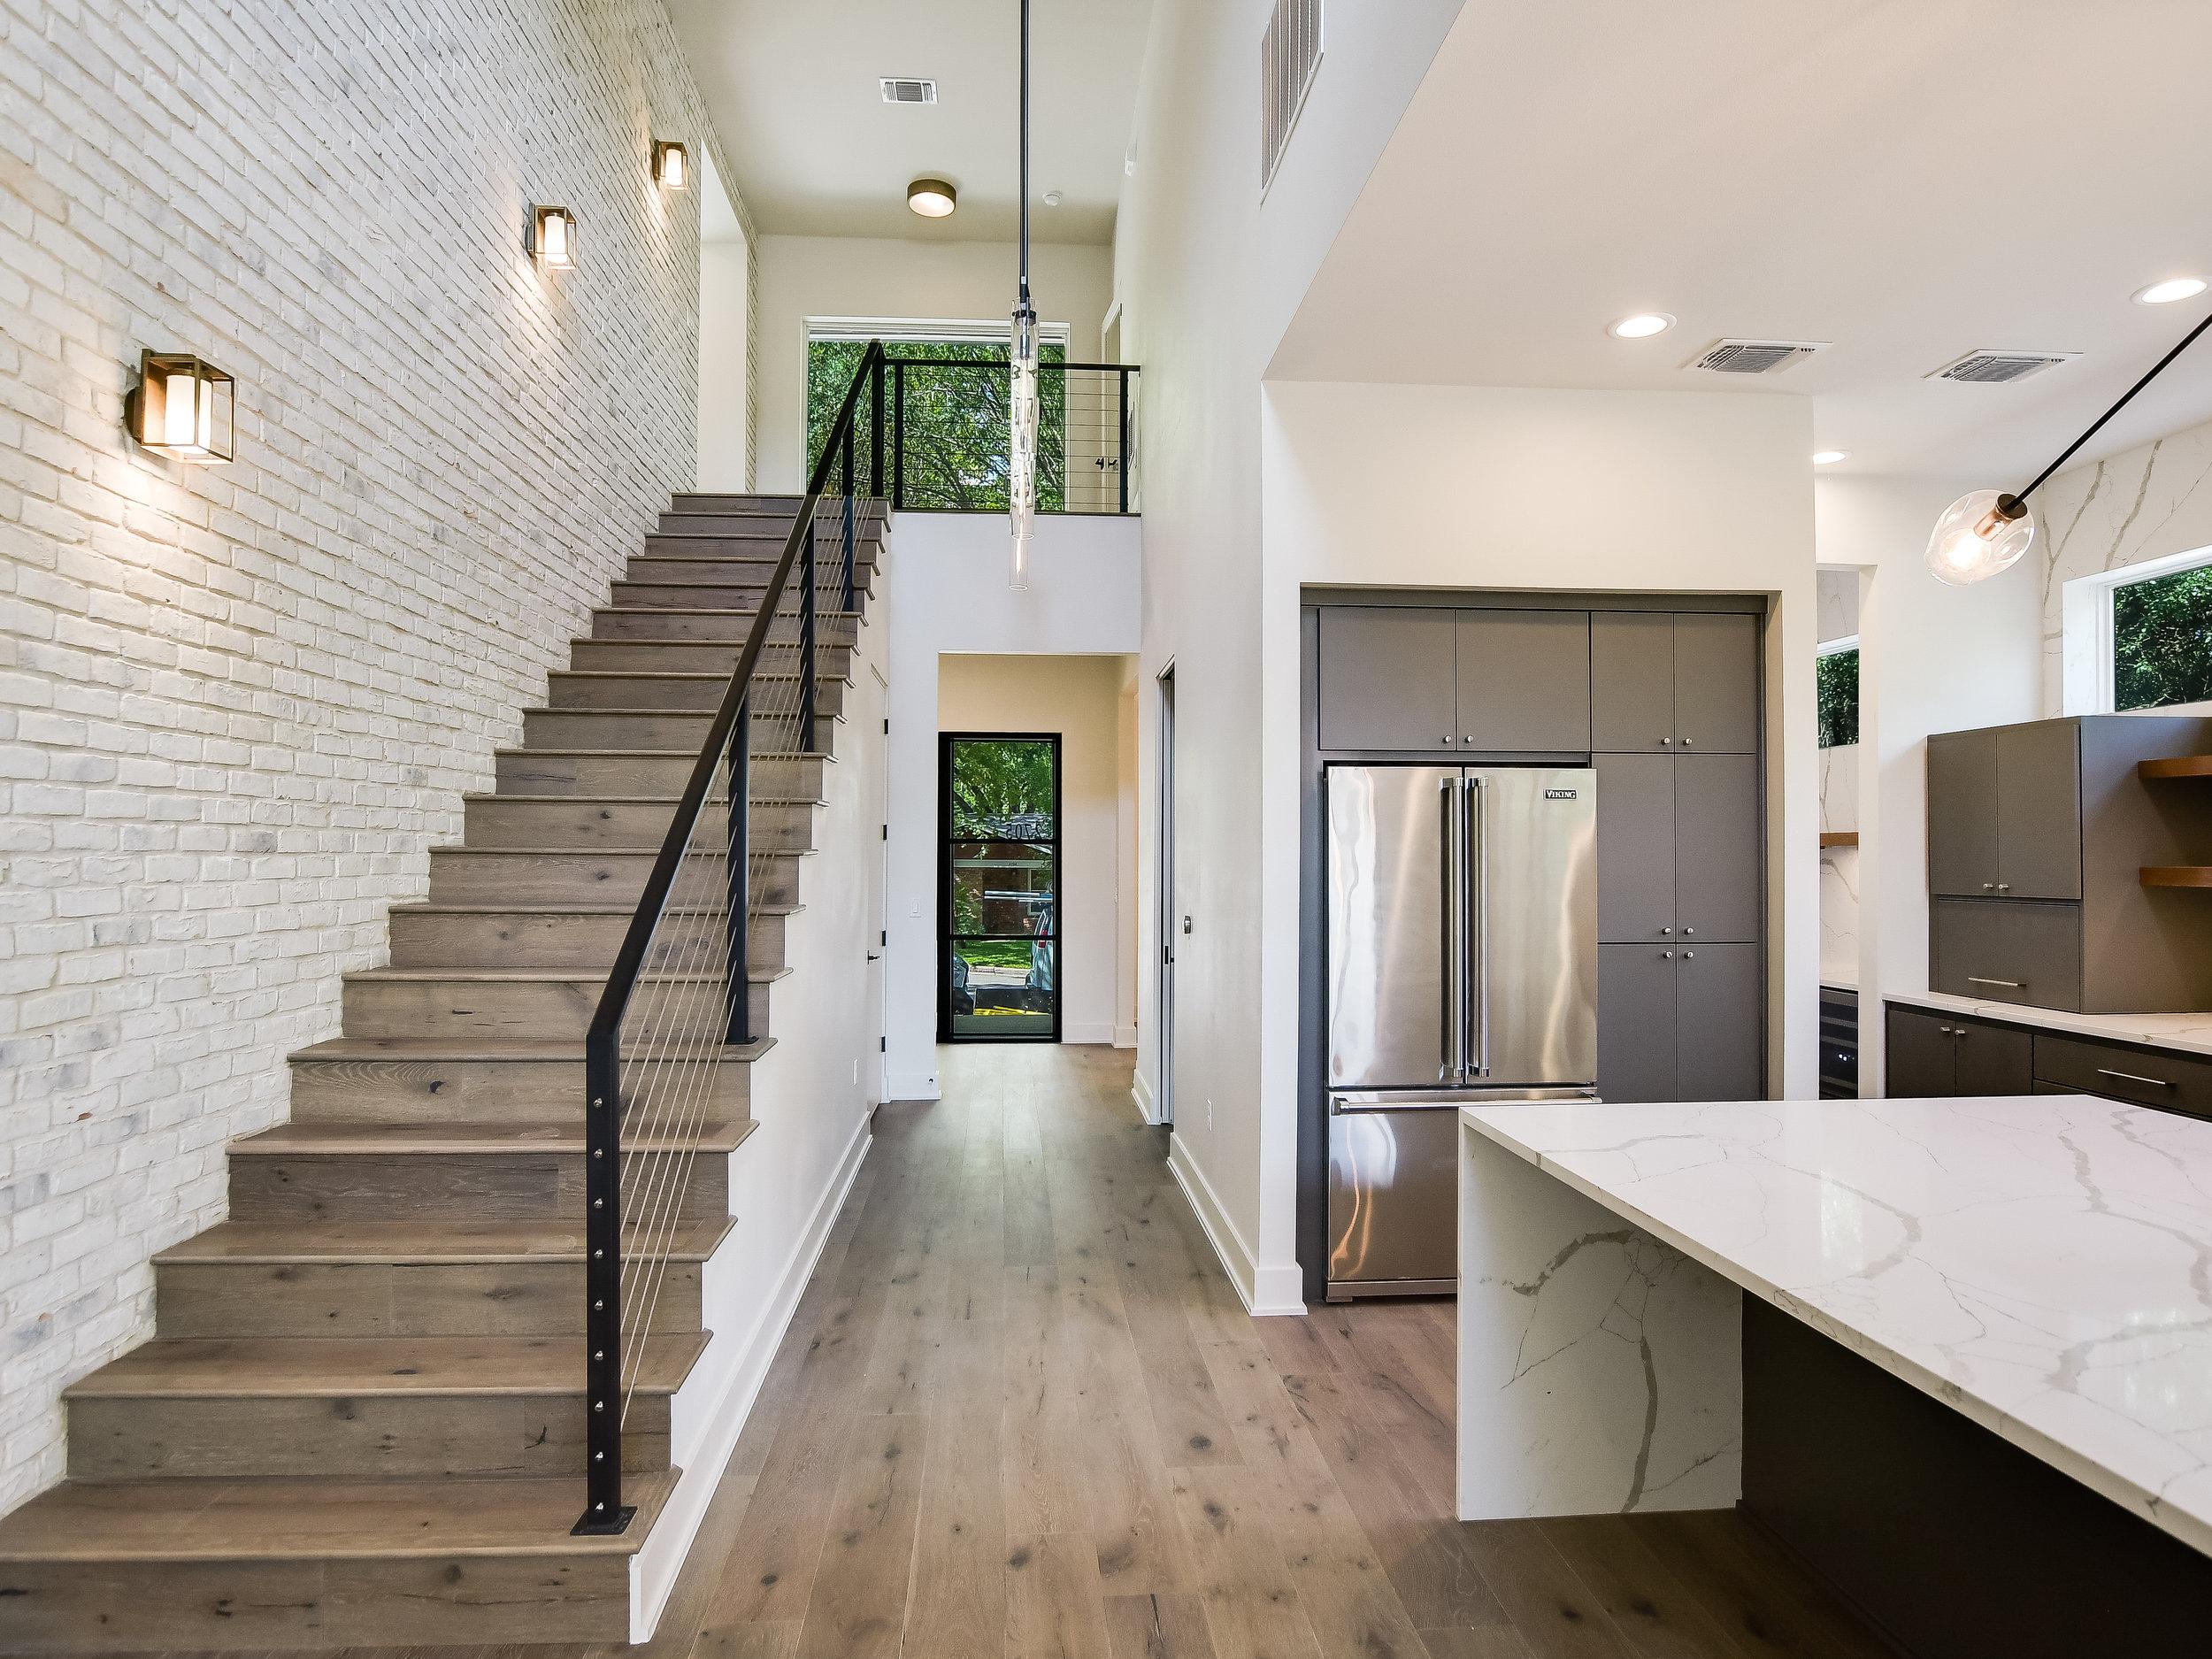 003_Stairway-Entry.jpg